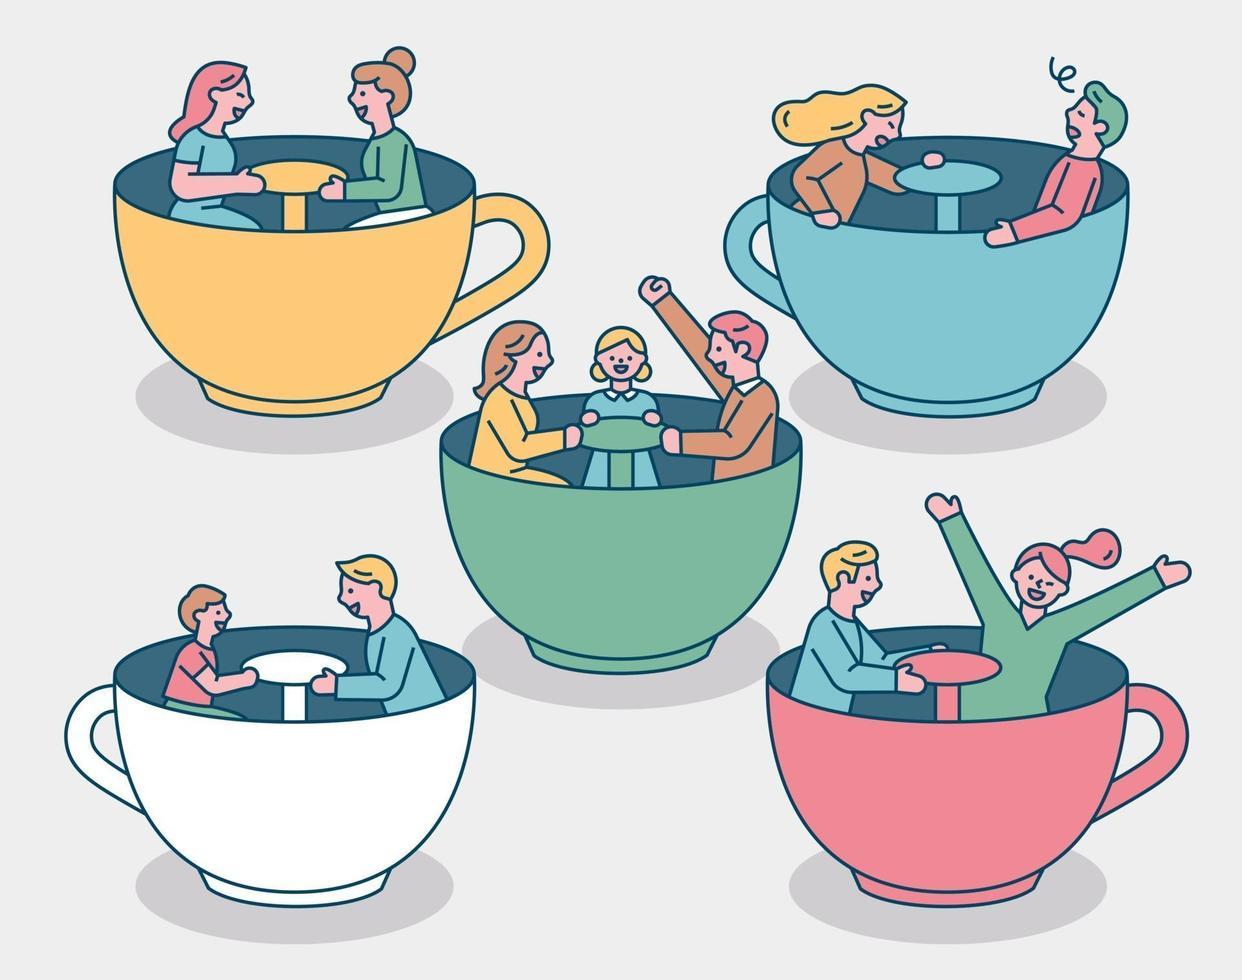 Menschen fahren Teetassen in einem Vergnügungspark. Die Familie und das Paar haben Spaß daran, in Teetassen zu sitzen. vektor